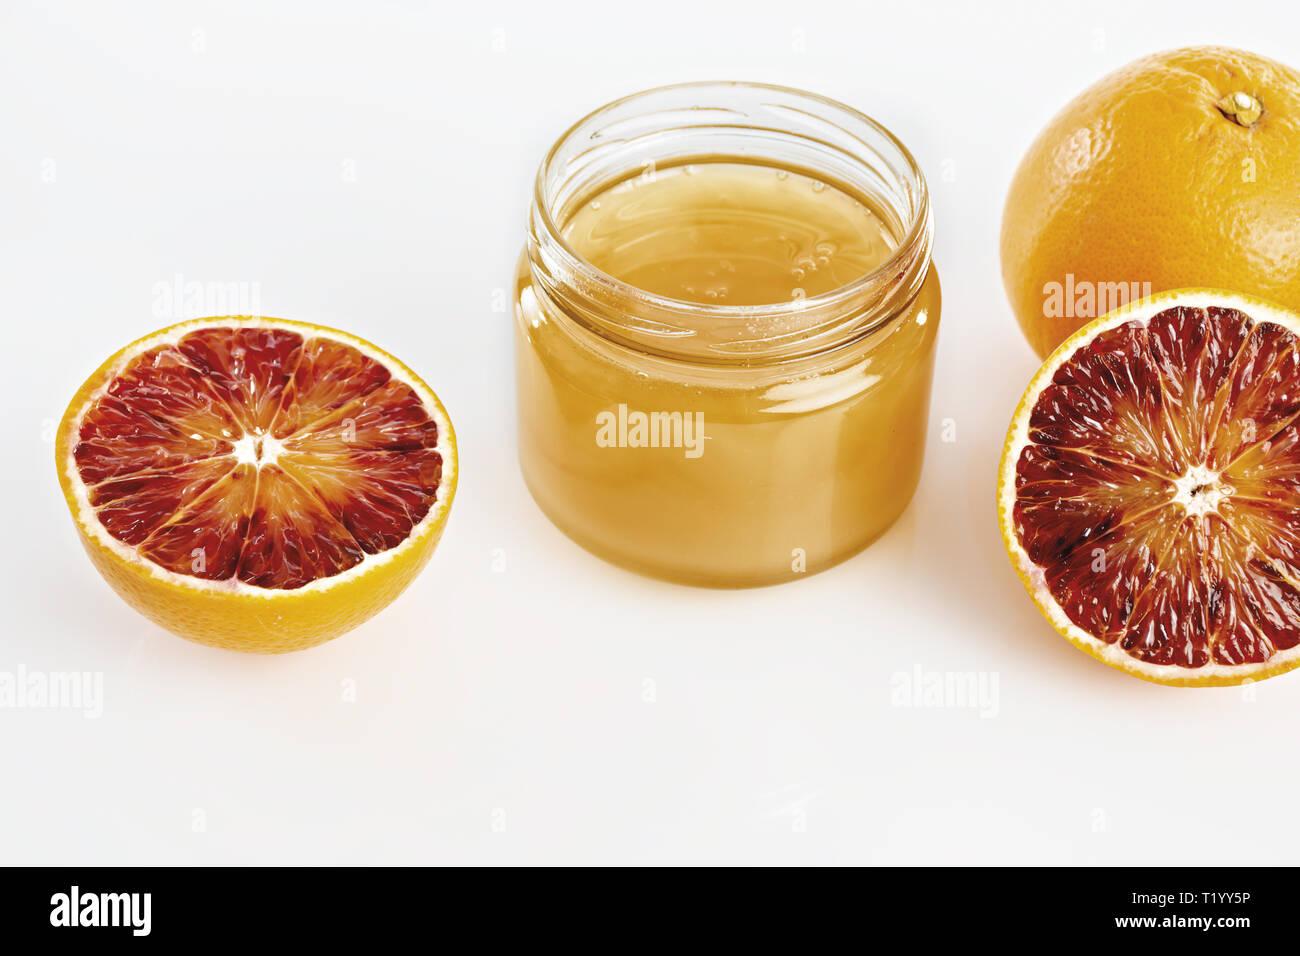 Miele all'arancio in vaso con arance tagliate da sopra Immagini Stock